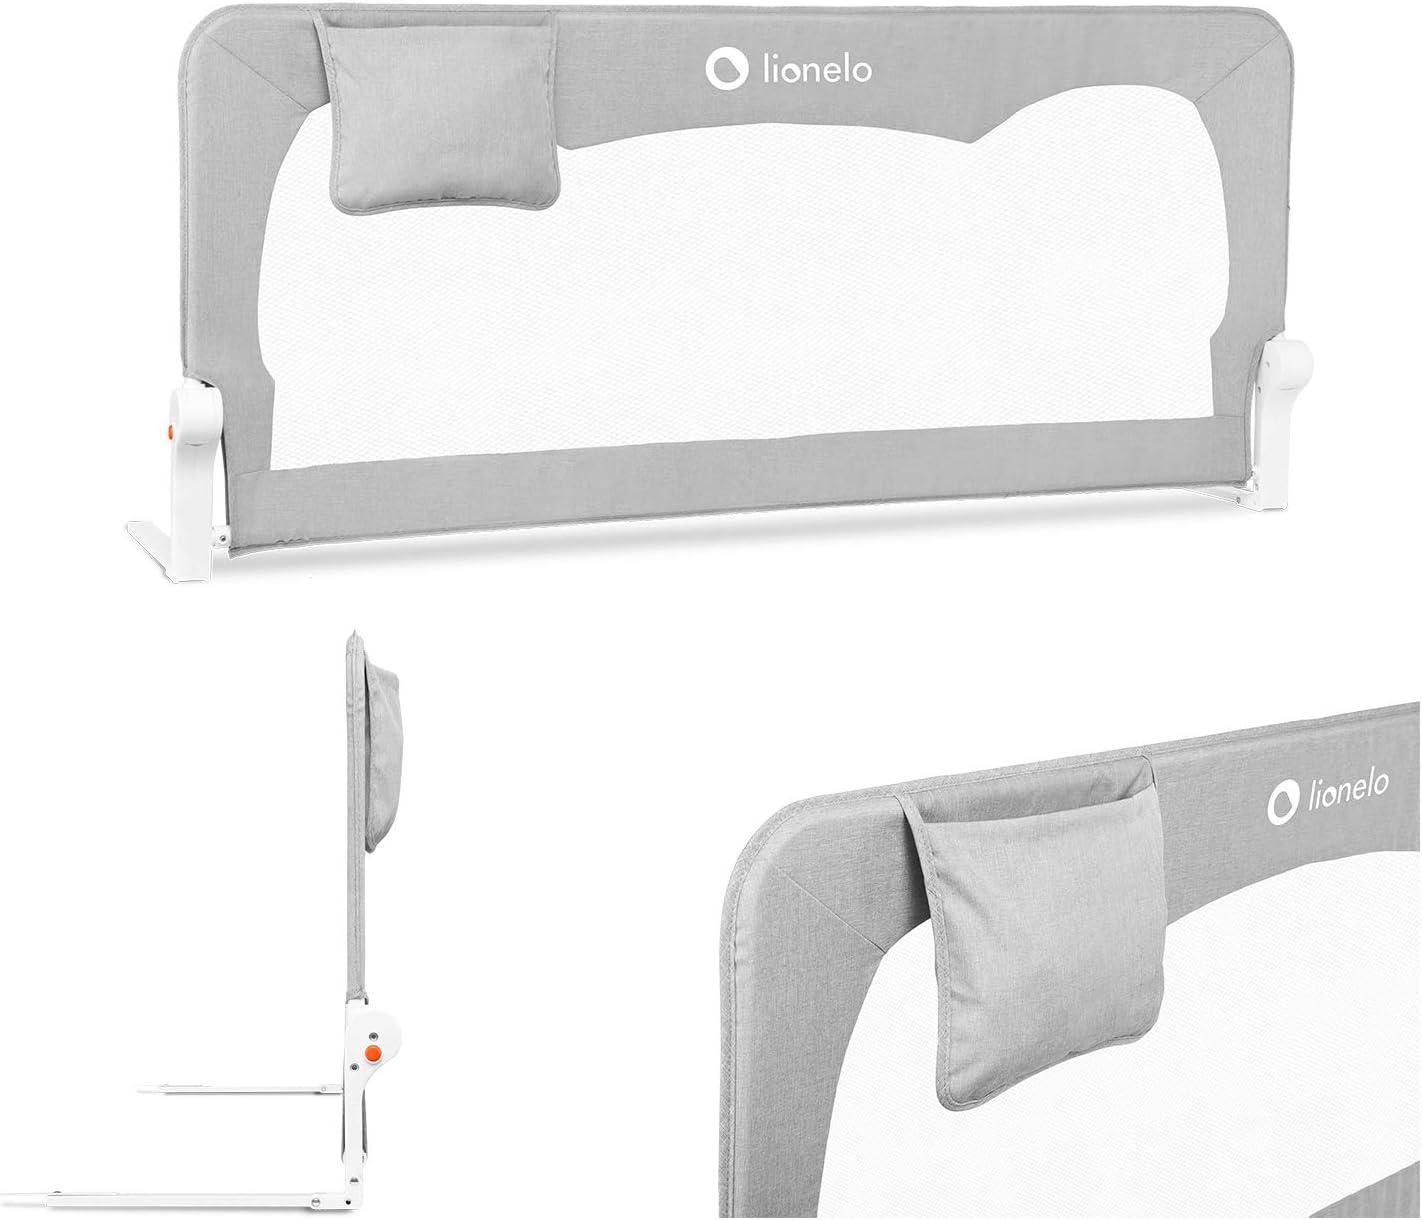 Lionelo Hanna Barrera de seguridad - Protección contra caídas 150 x 35 x 66 cm Cinturones SecureBelt Se adapta a la mayoría de los colchones Malla ...